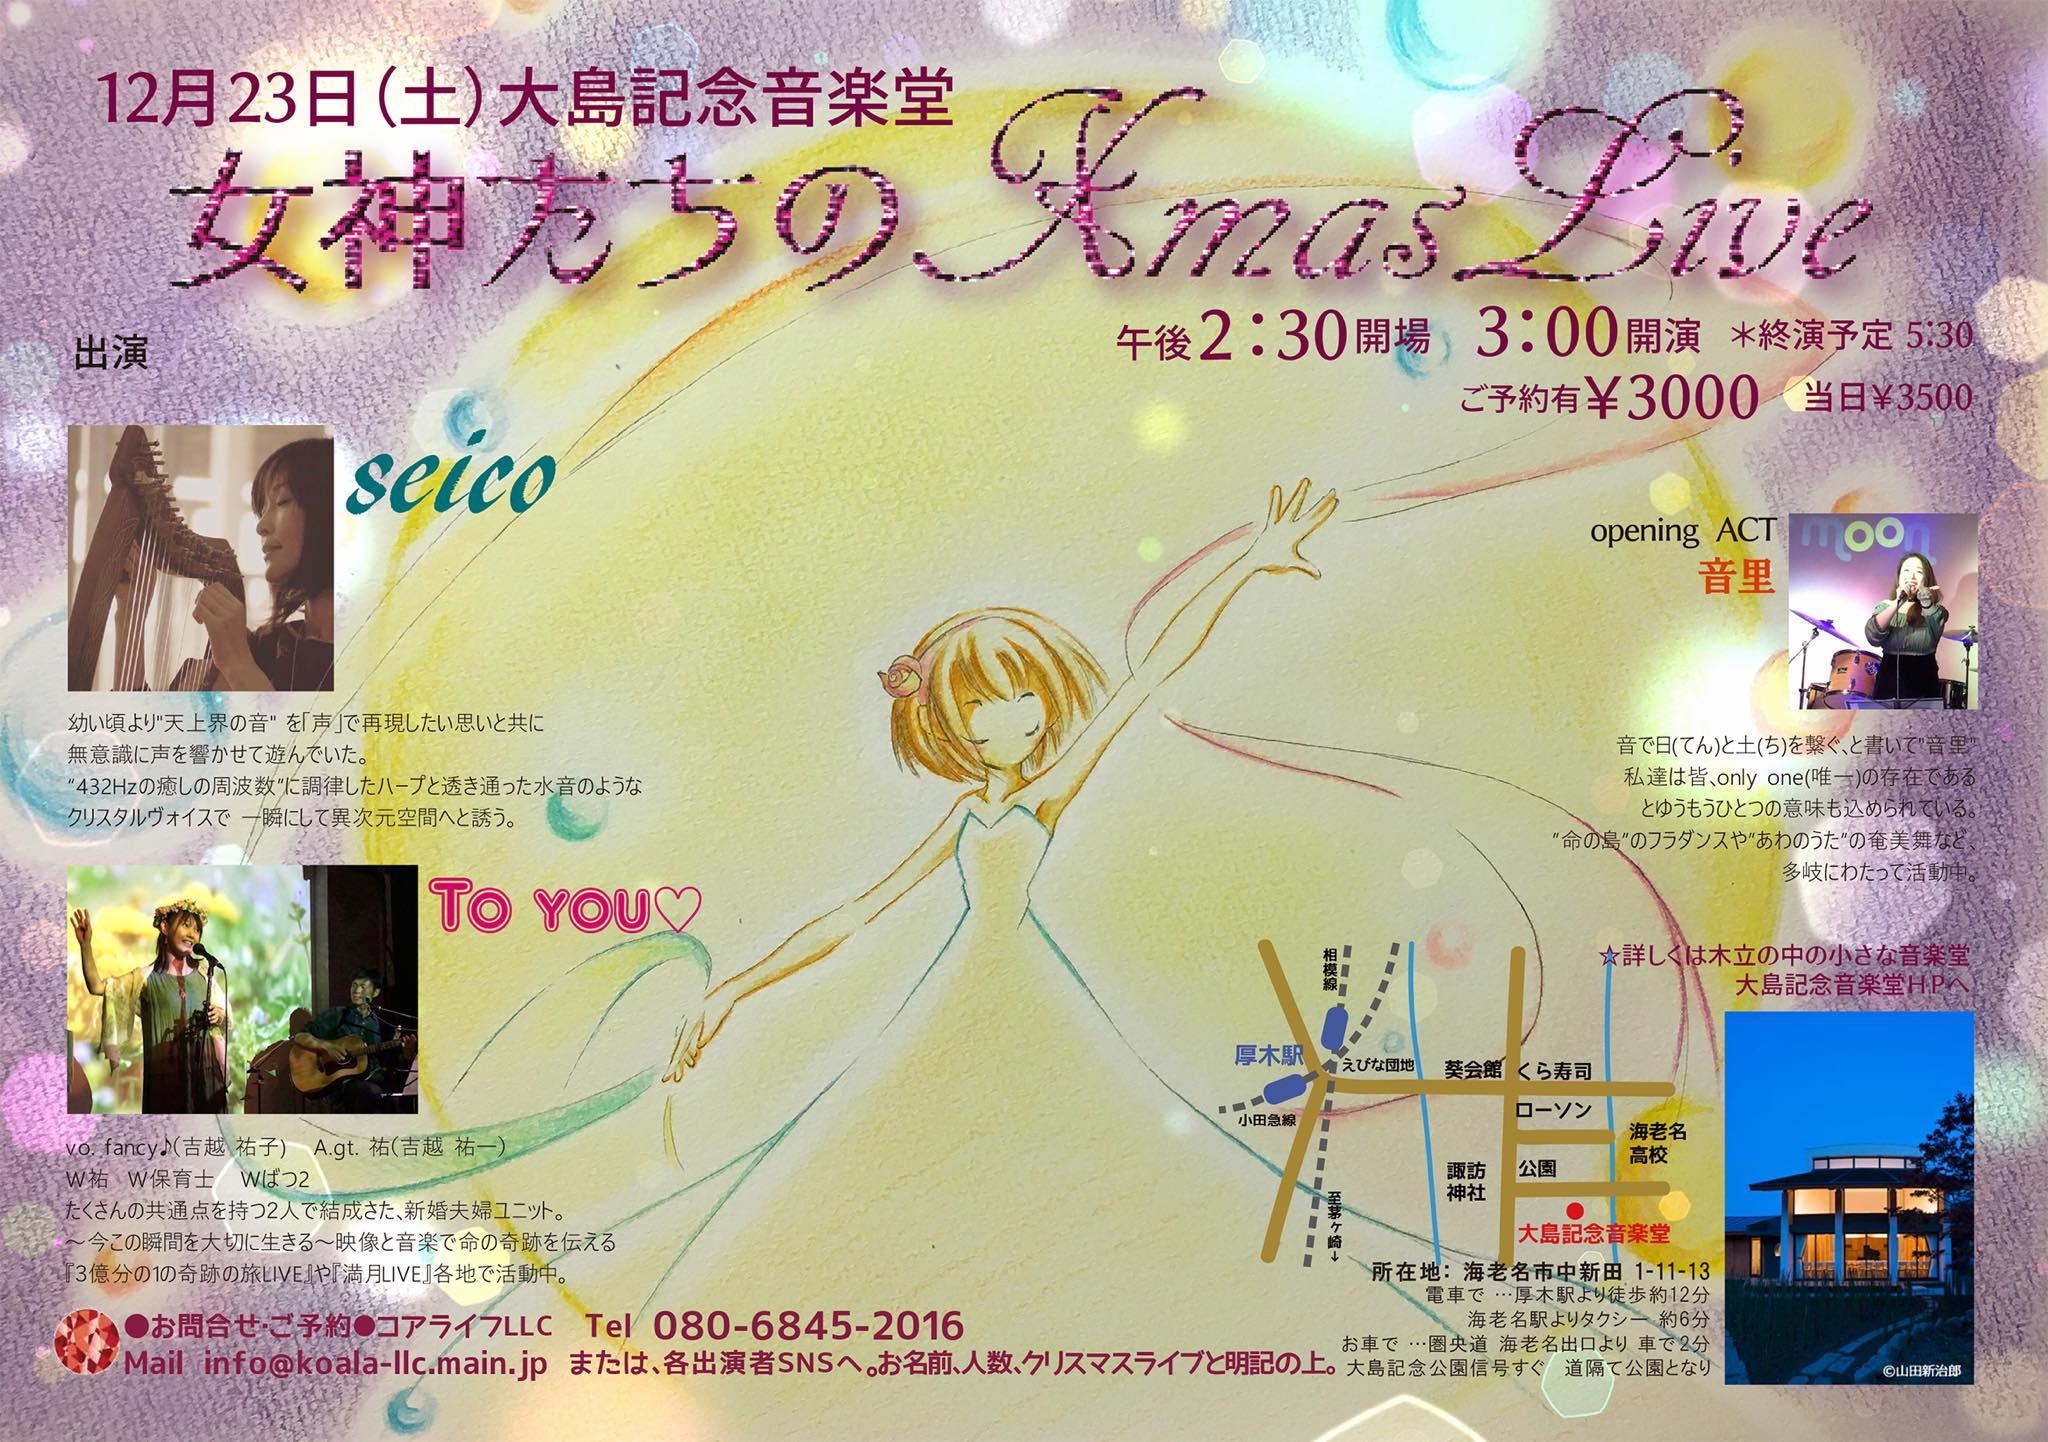 2017/12/23『女神たちのクリスマスライブ』